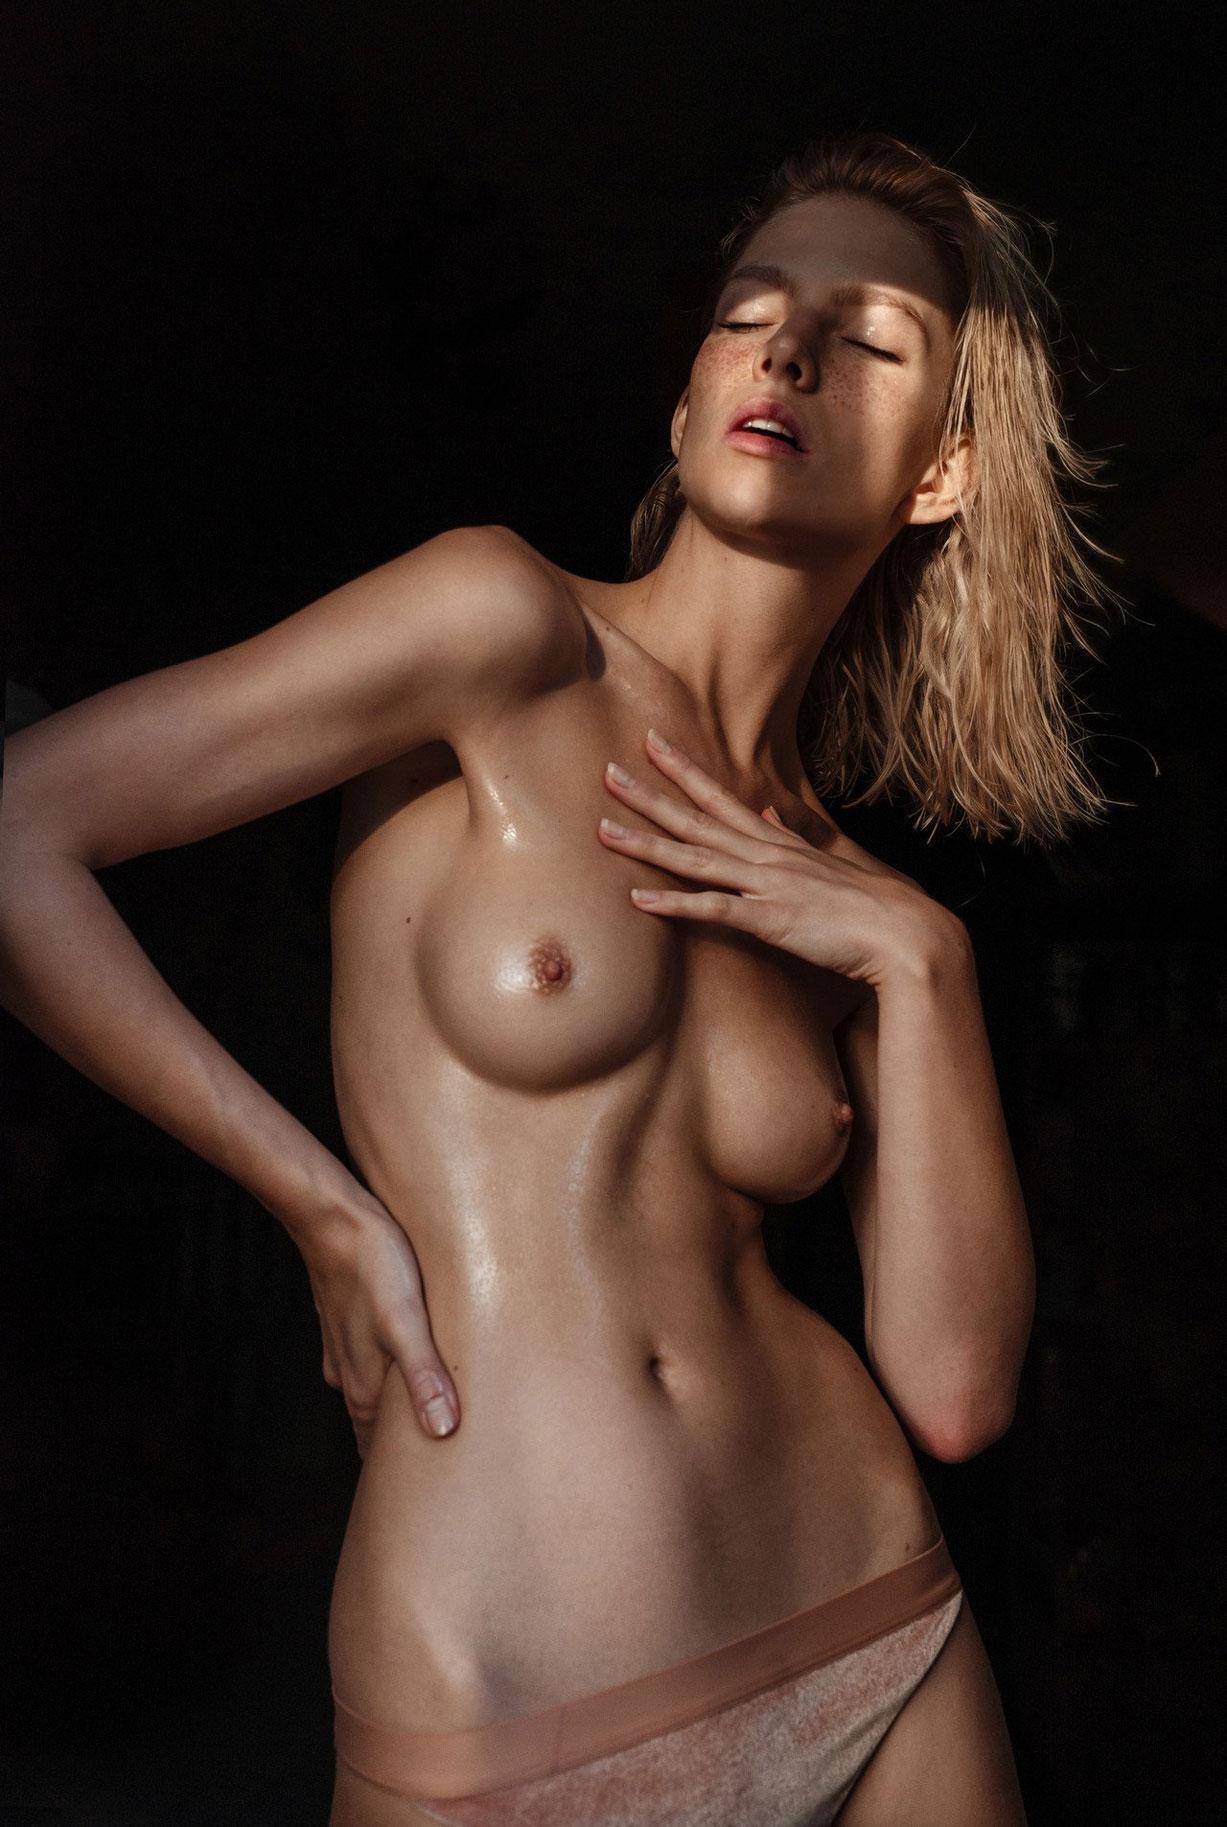 подборка фотографий сексуальных голых девушек - Angela Olszewska